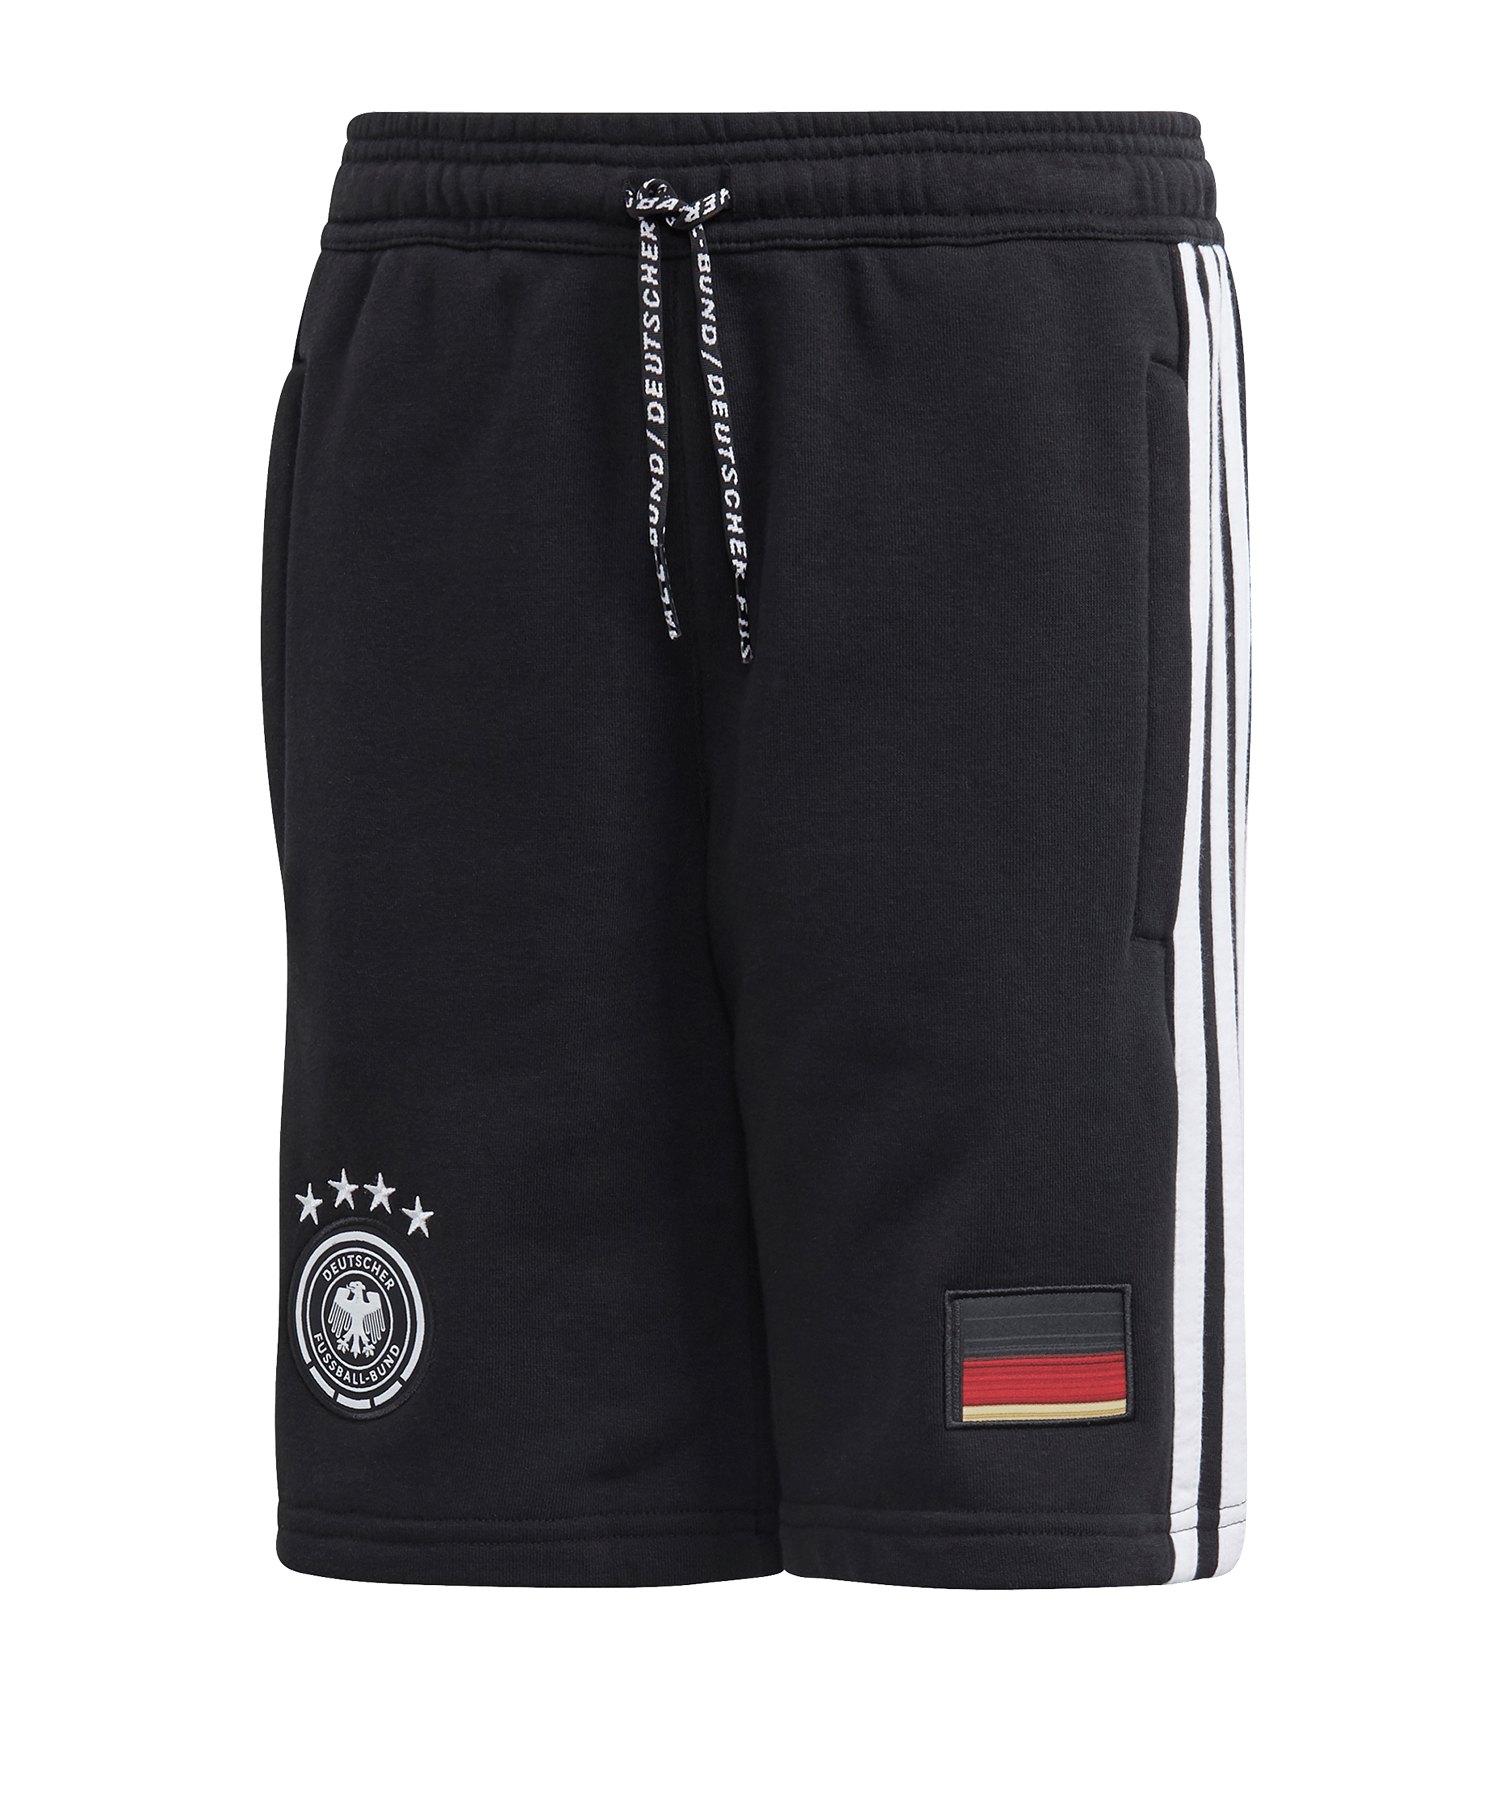 adidas DFB Deutschland Short Kids Schwarz - schwarz